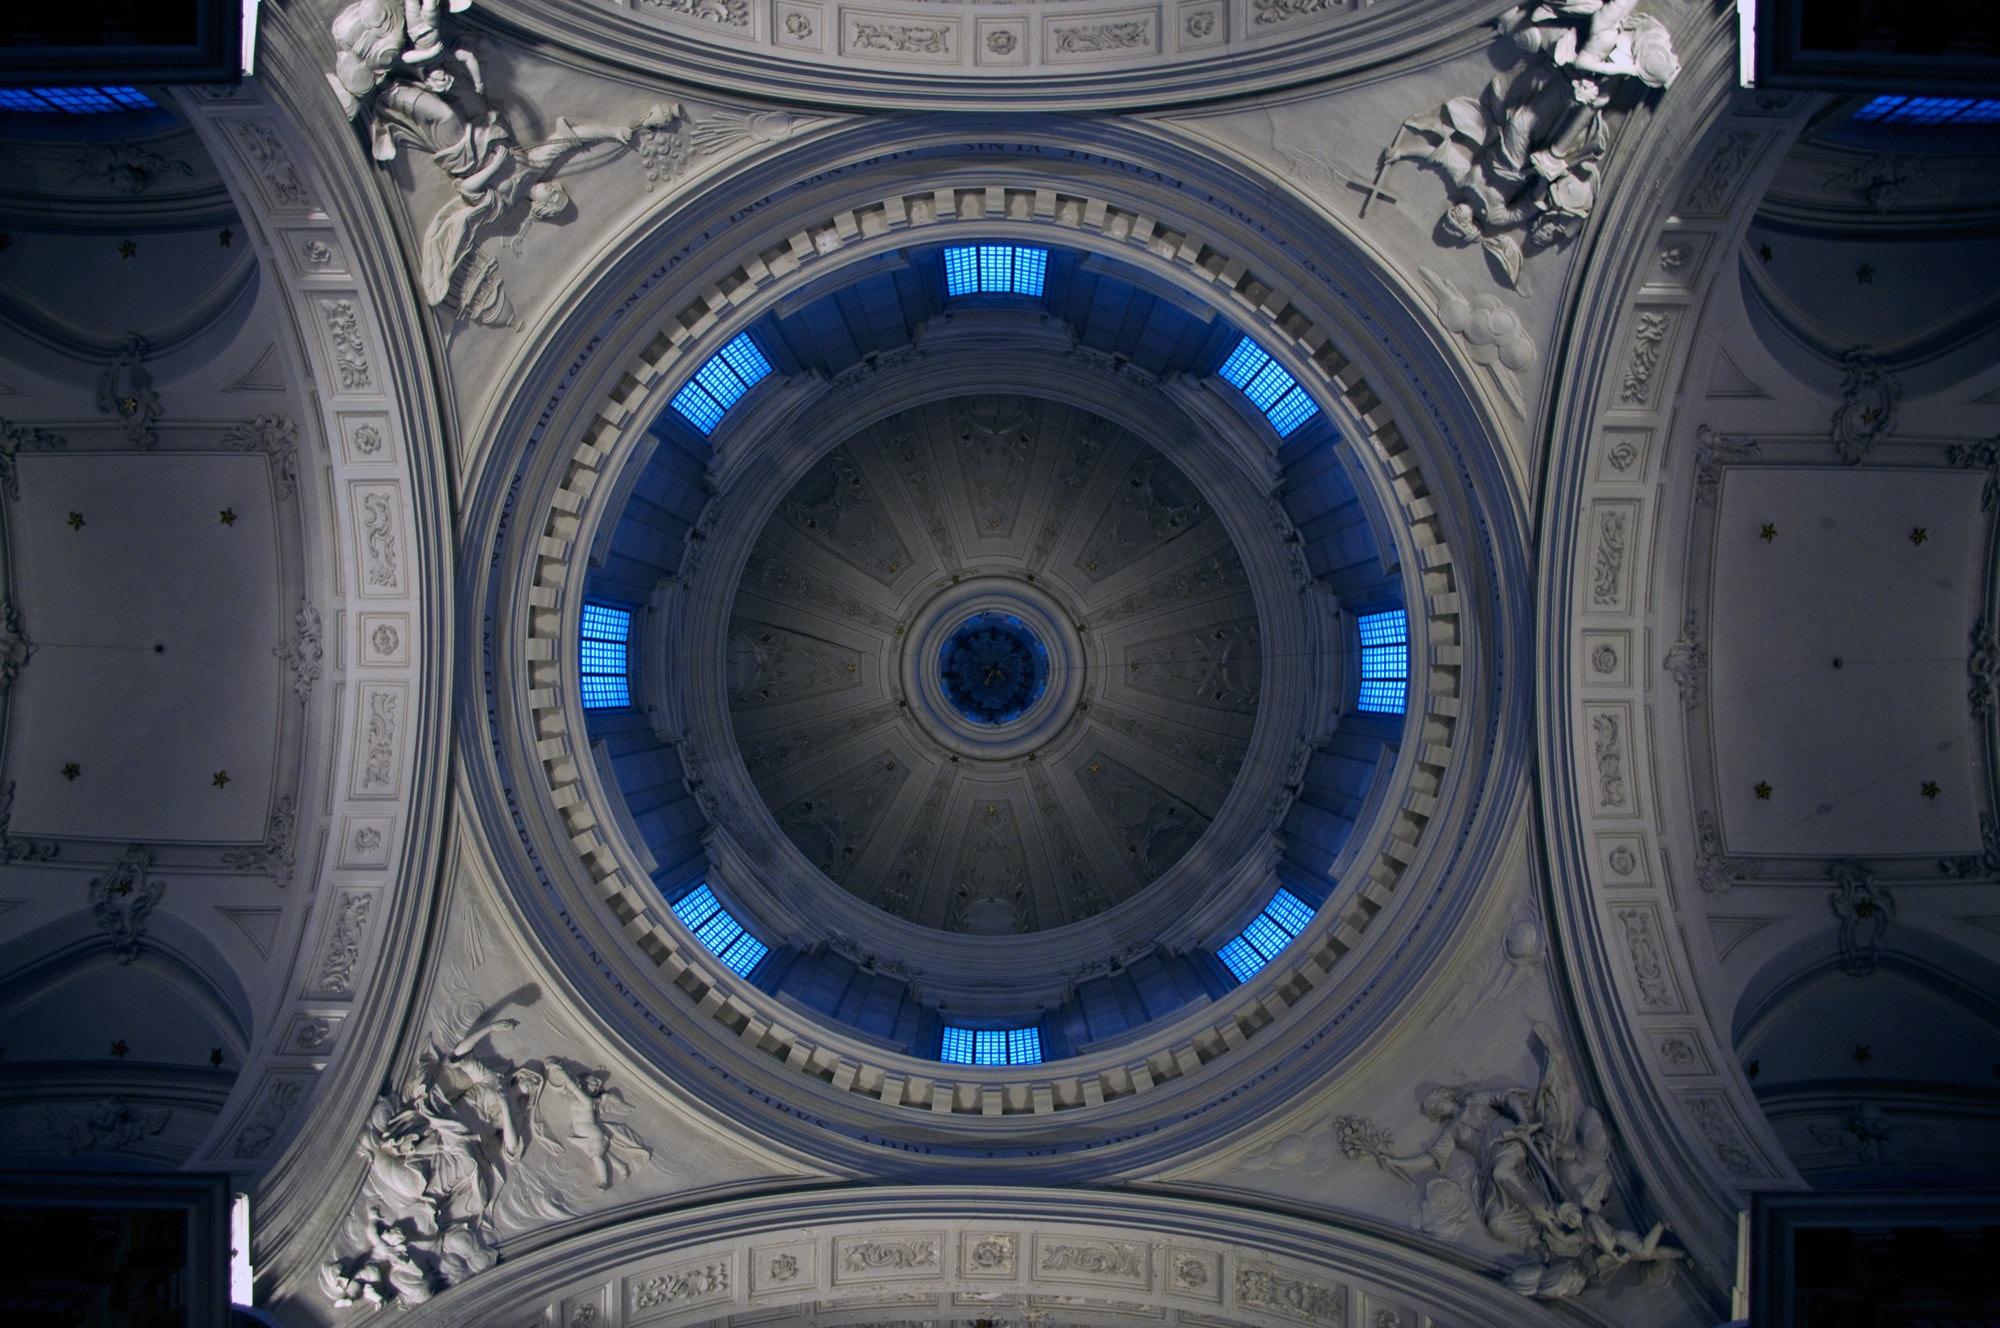 Belgium church interior.jpg